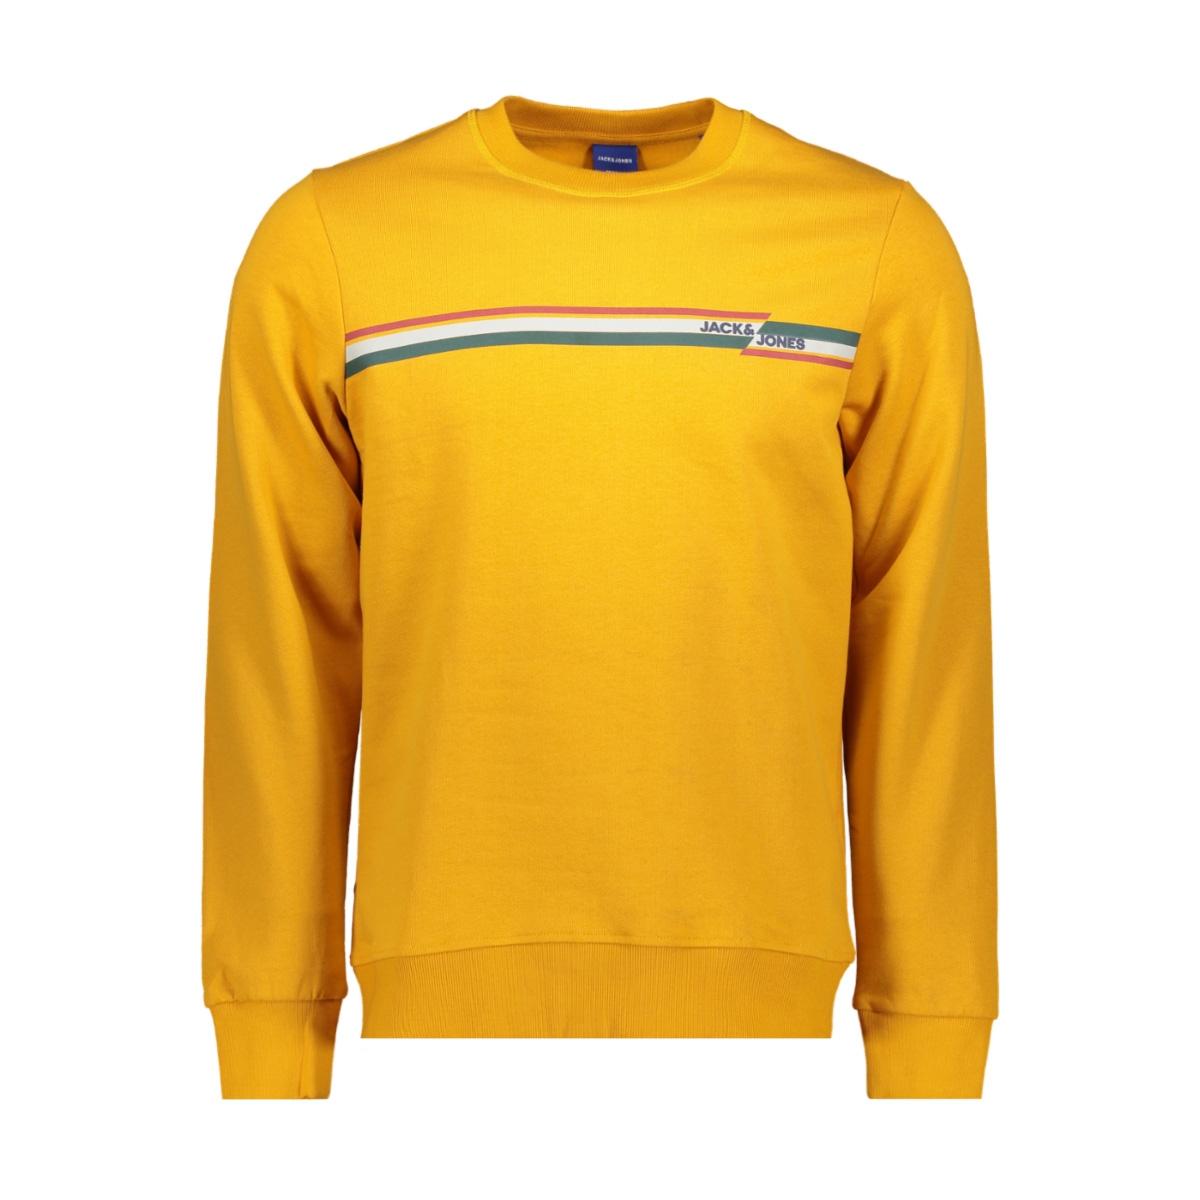 jorrudd sweat crew neck 12158106 jack & jones sweater sunflower/slim